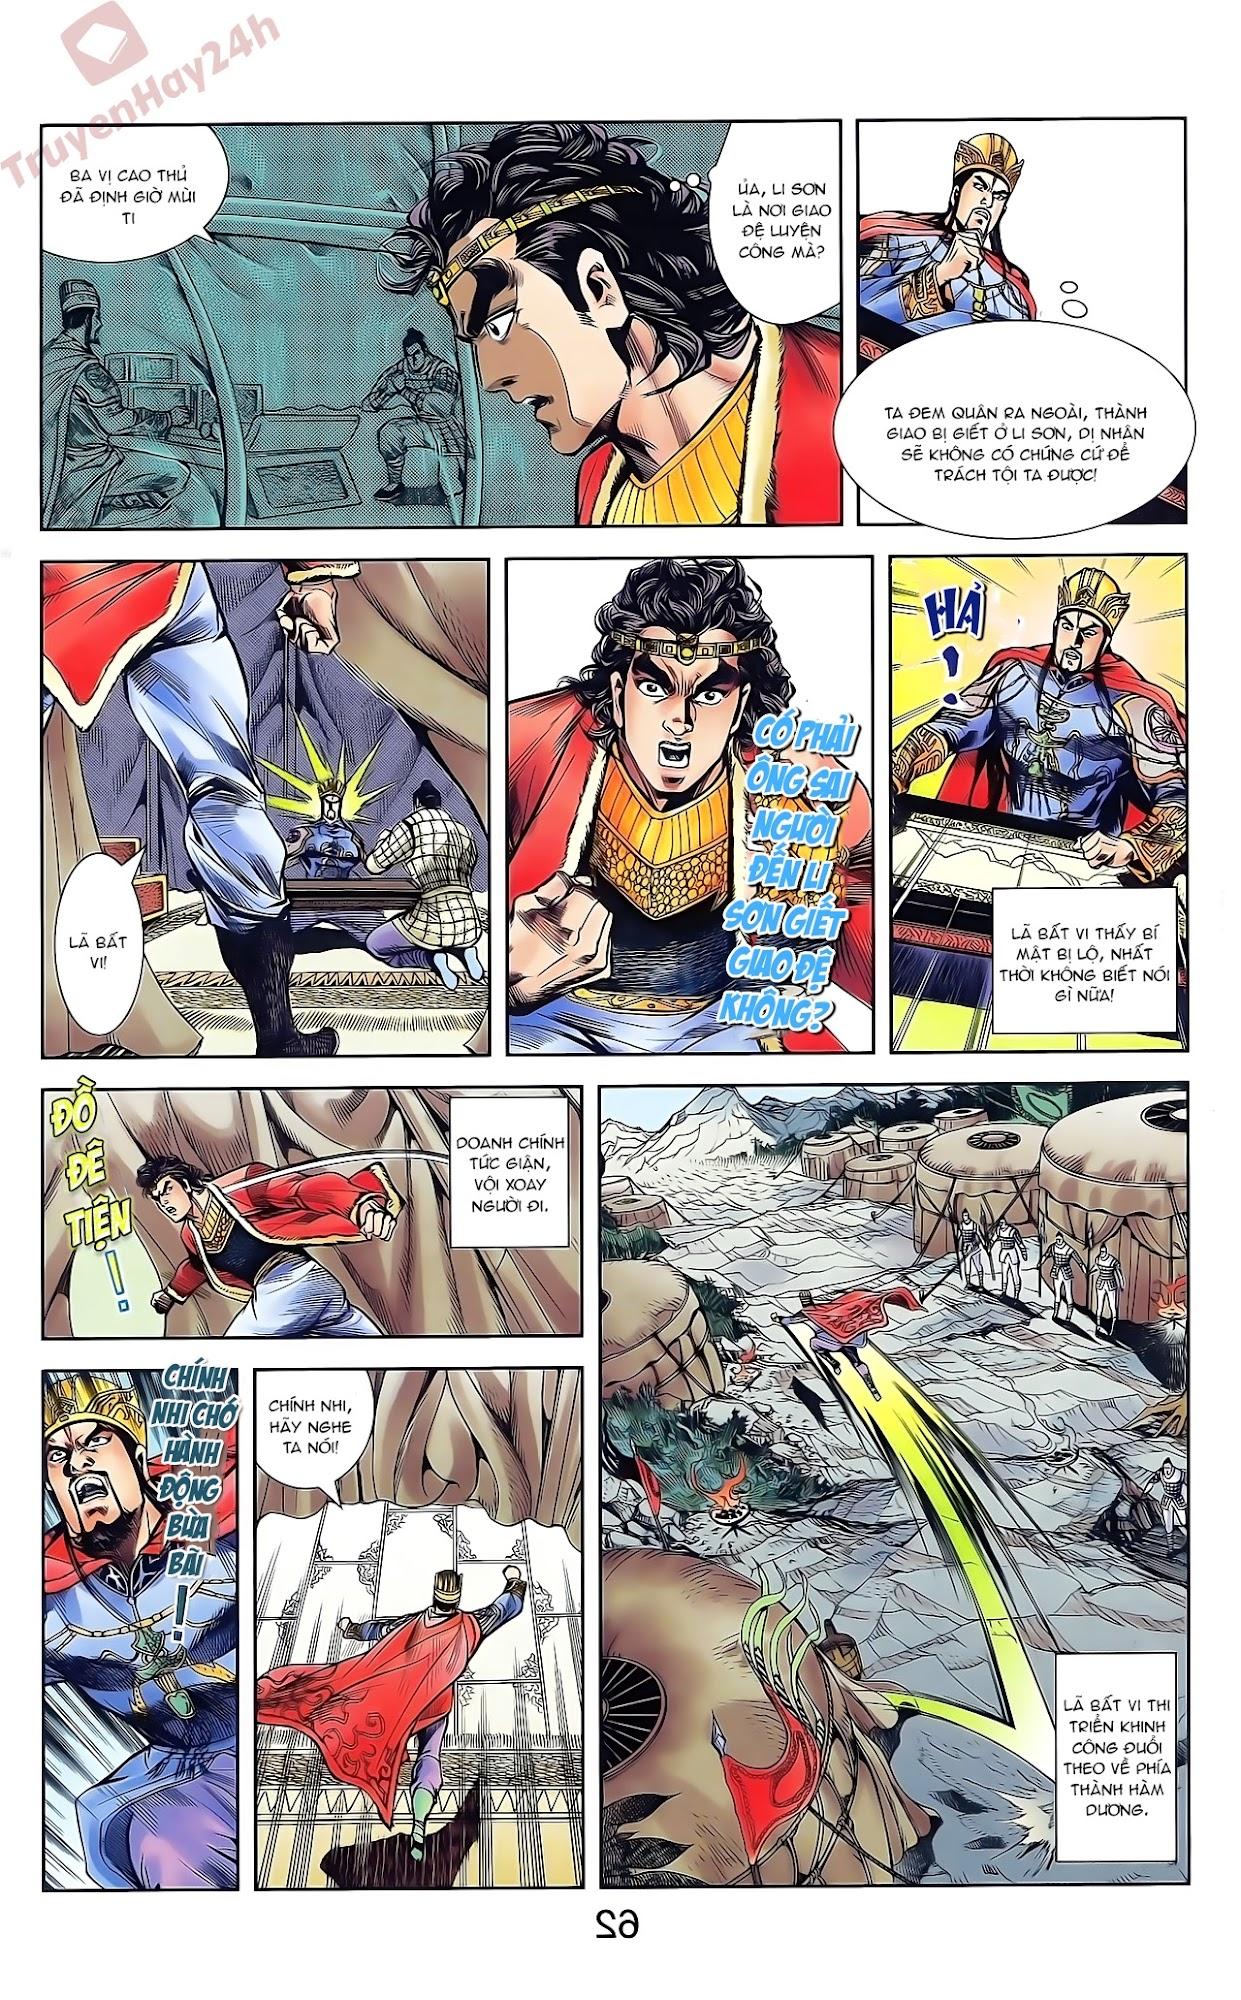 Tần Vương Doanh Chính chapter 44 trang 14